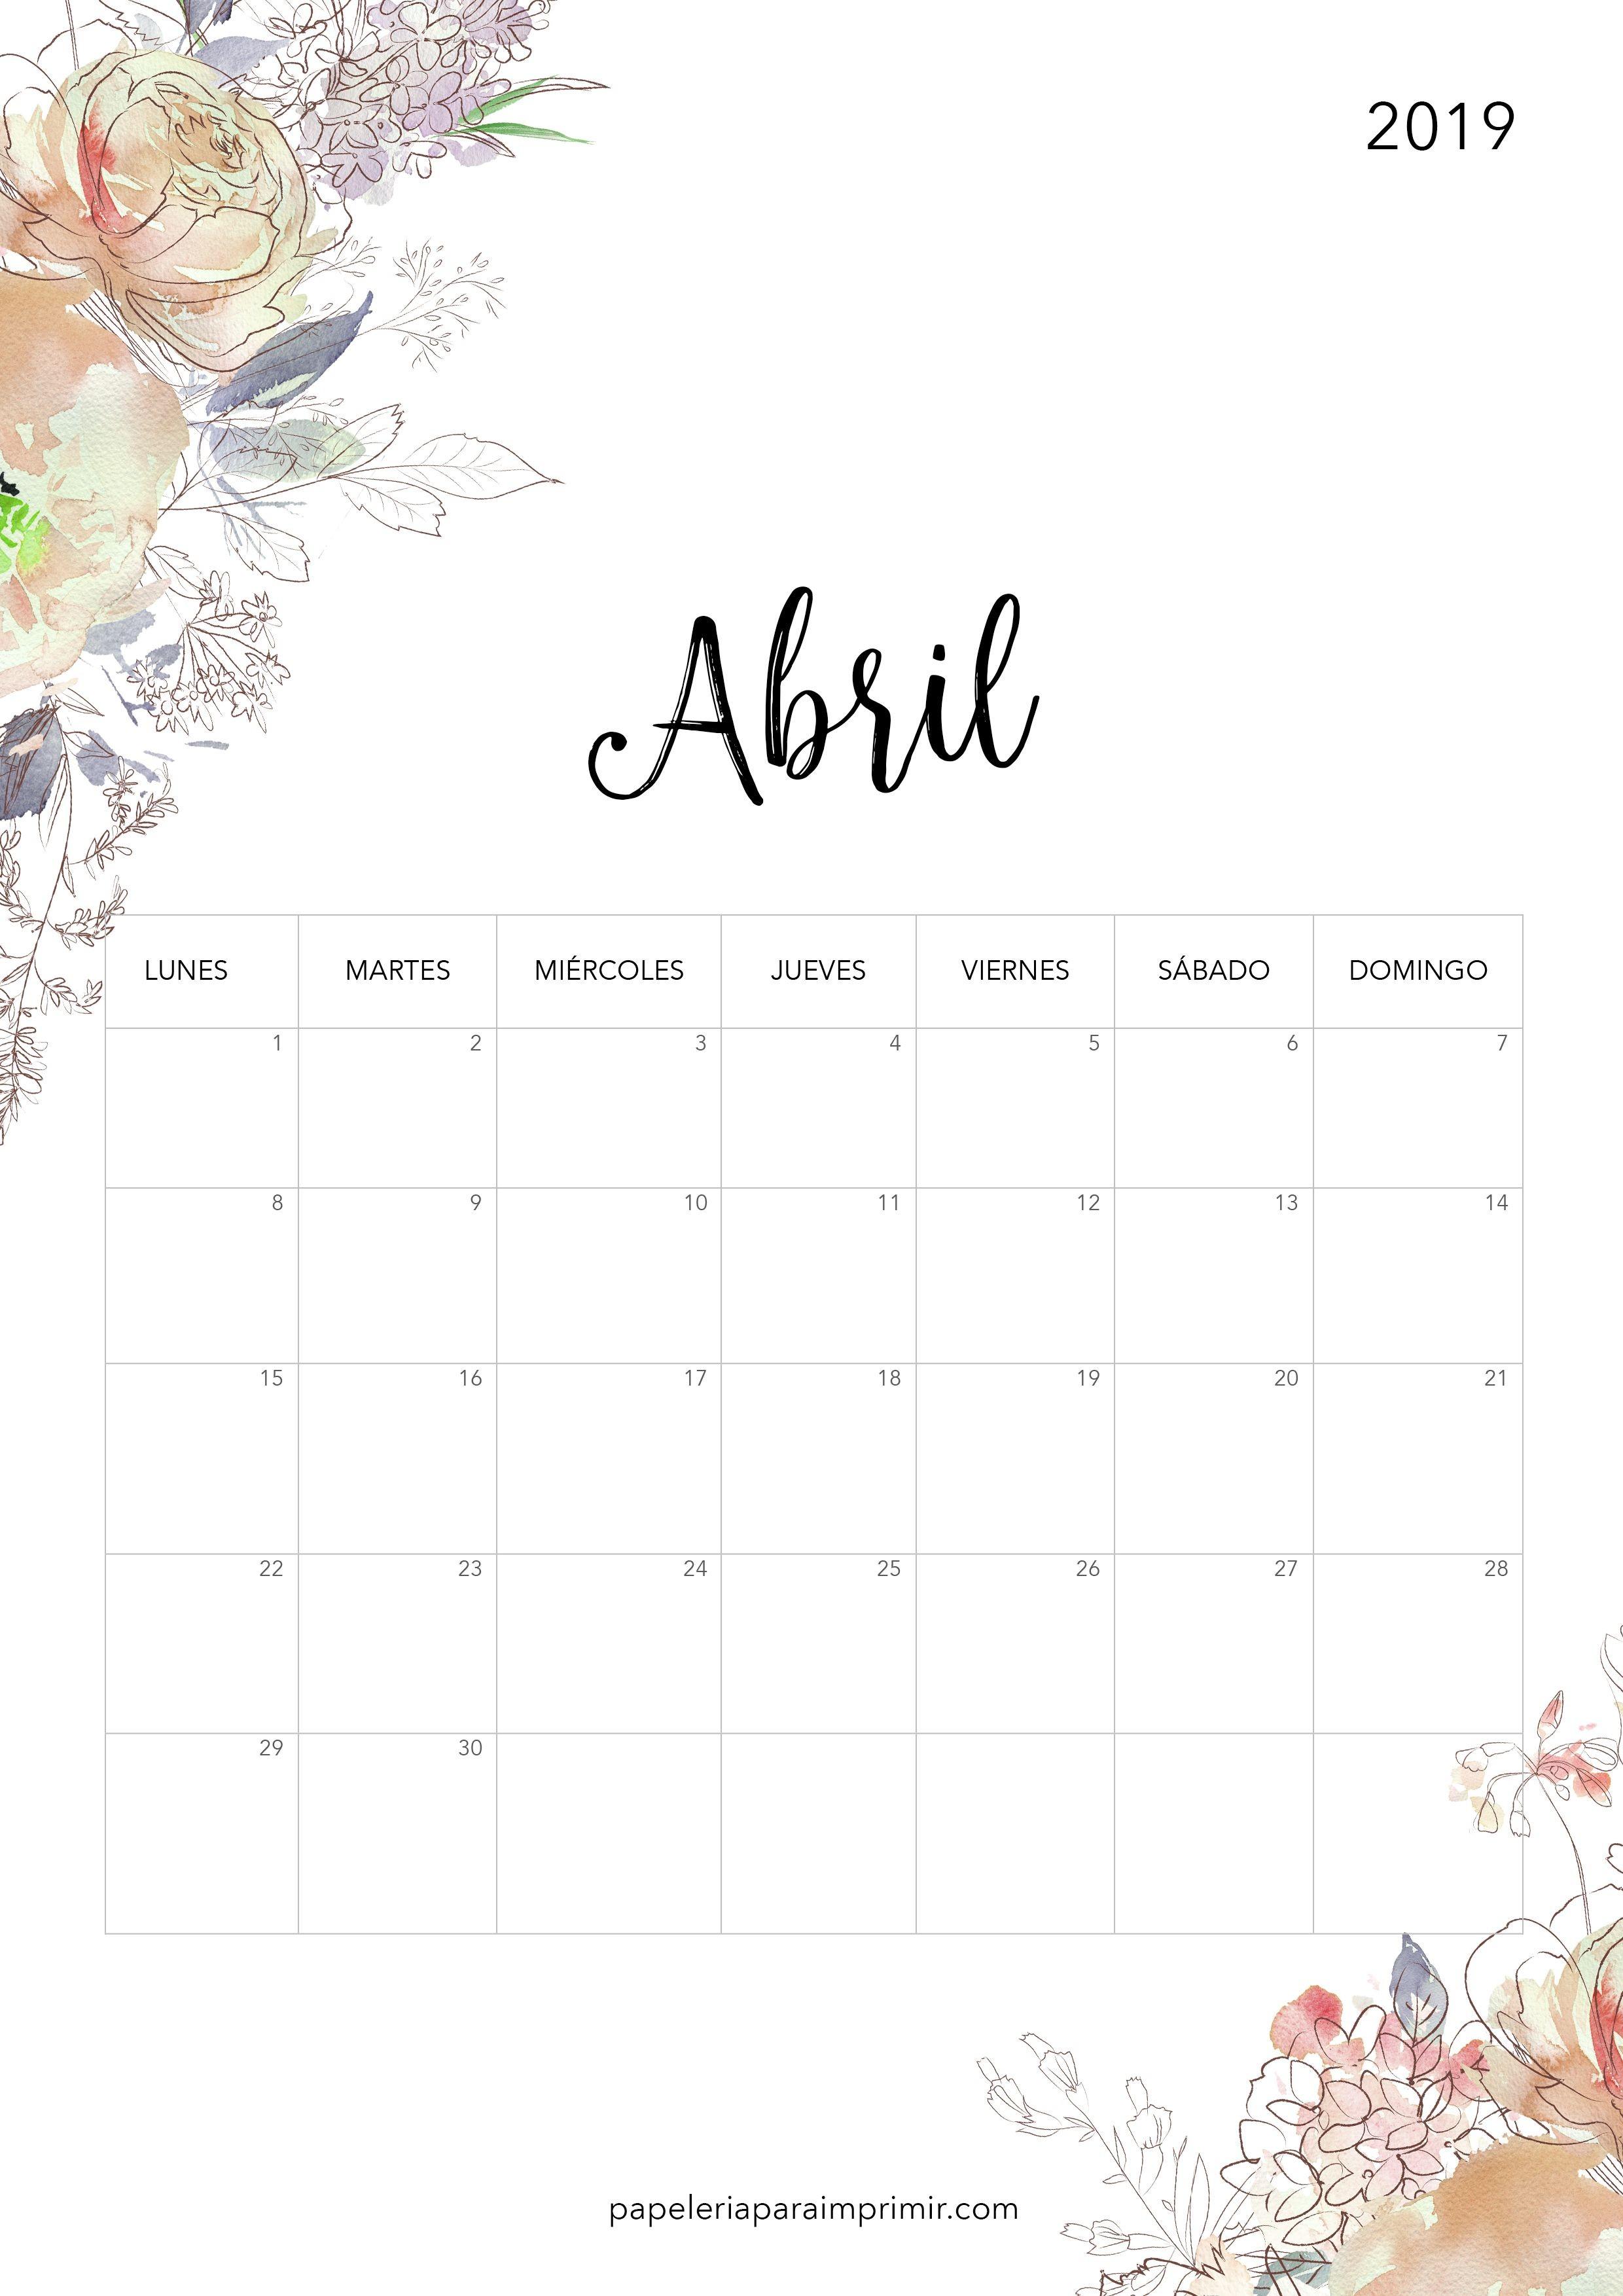 Imprimir Calendario Tumblr Mejores Y Más Novedosos Calendario Para Imprimir 2019 Abril Calendario Imprimir Of Imprimir Calendario Tumblr Más Populares Crea Calendarios Personalizados Online Gratis Con Canva